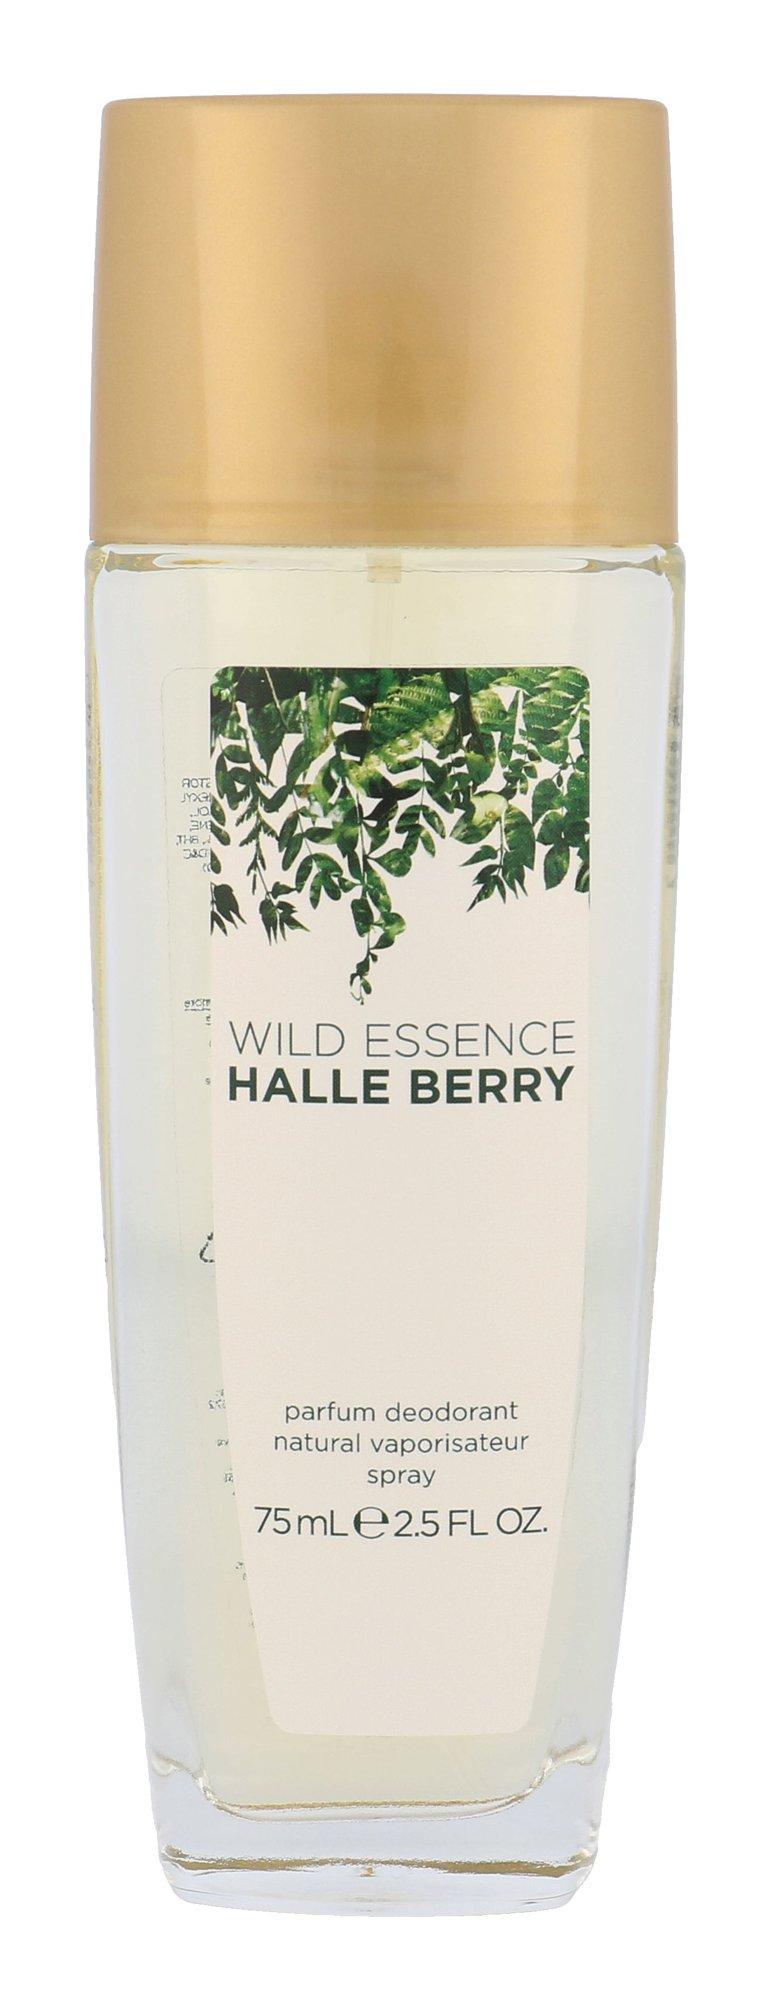 Halle Berry Wild Essence Deodorant 75ml